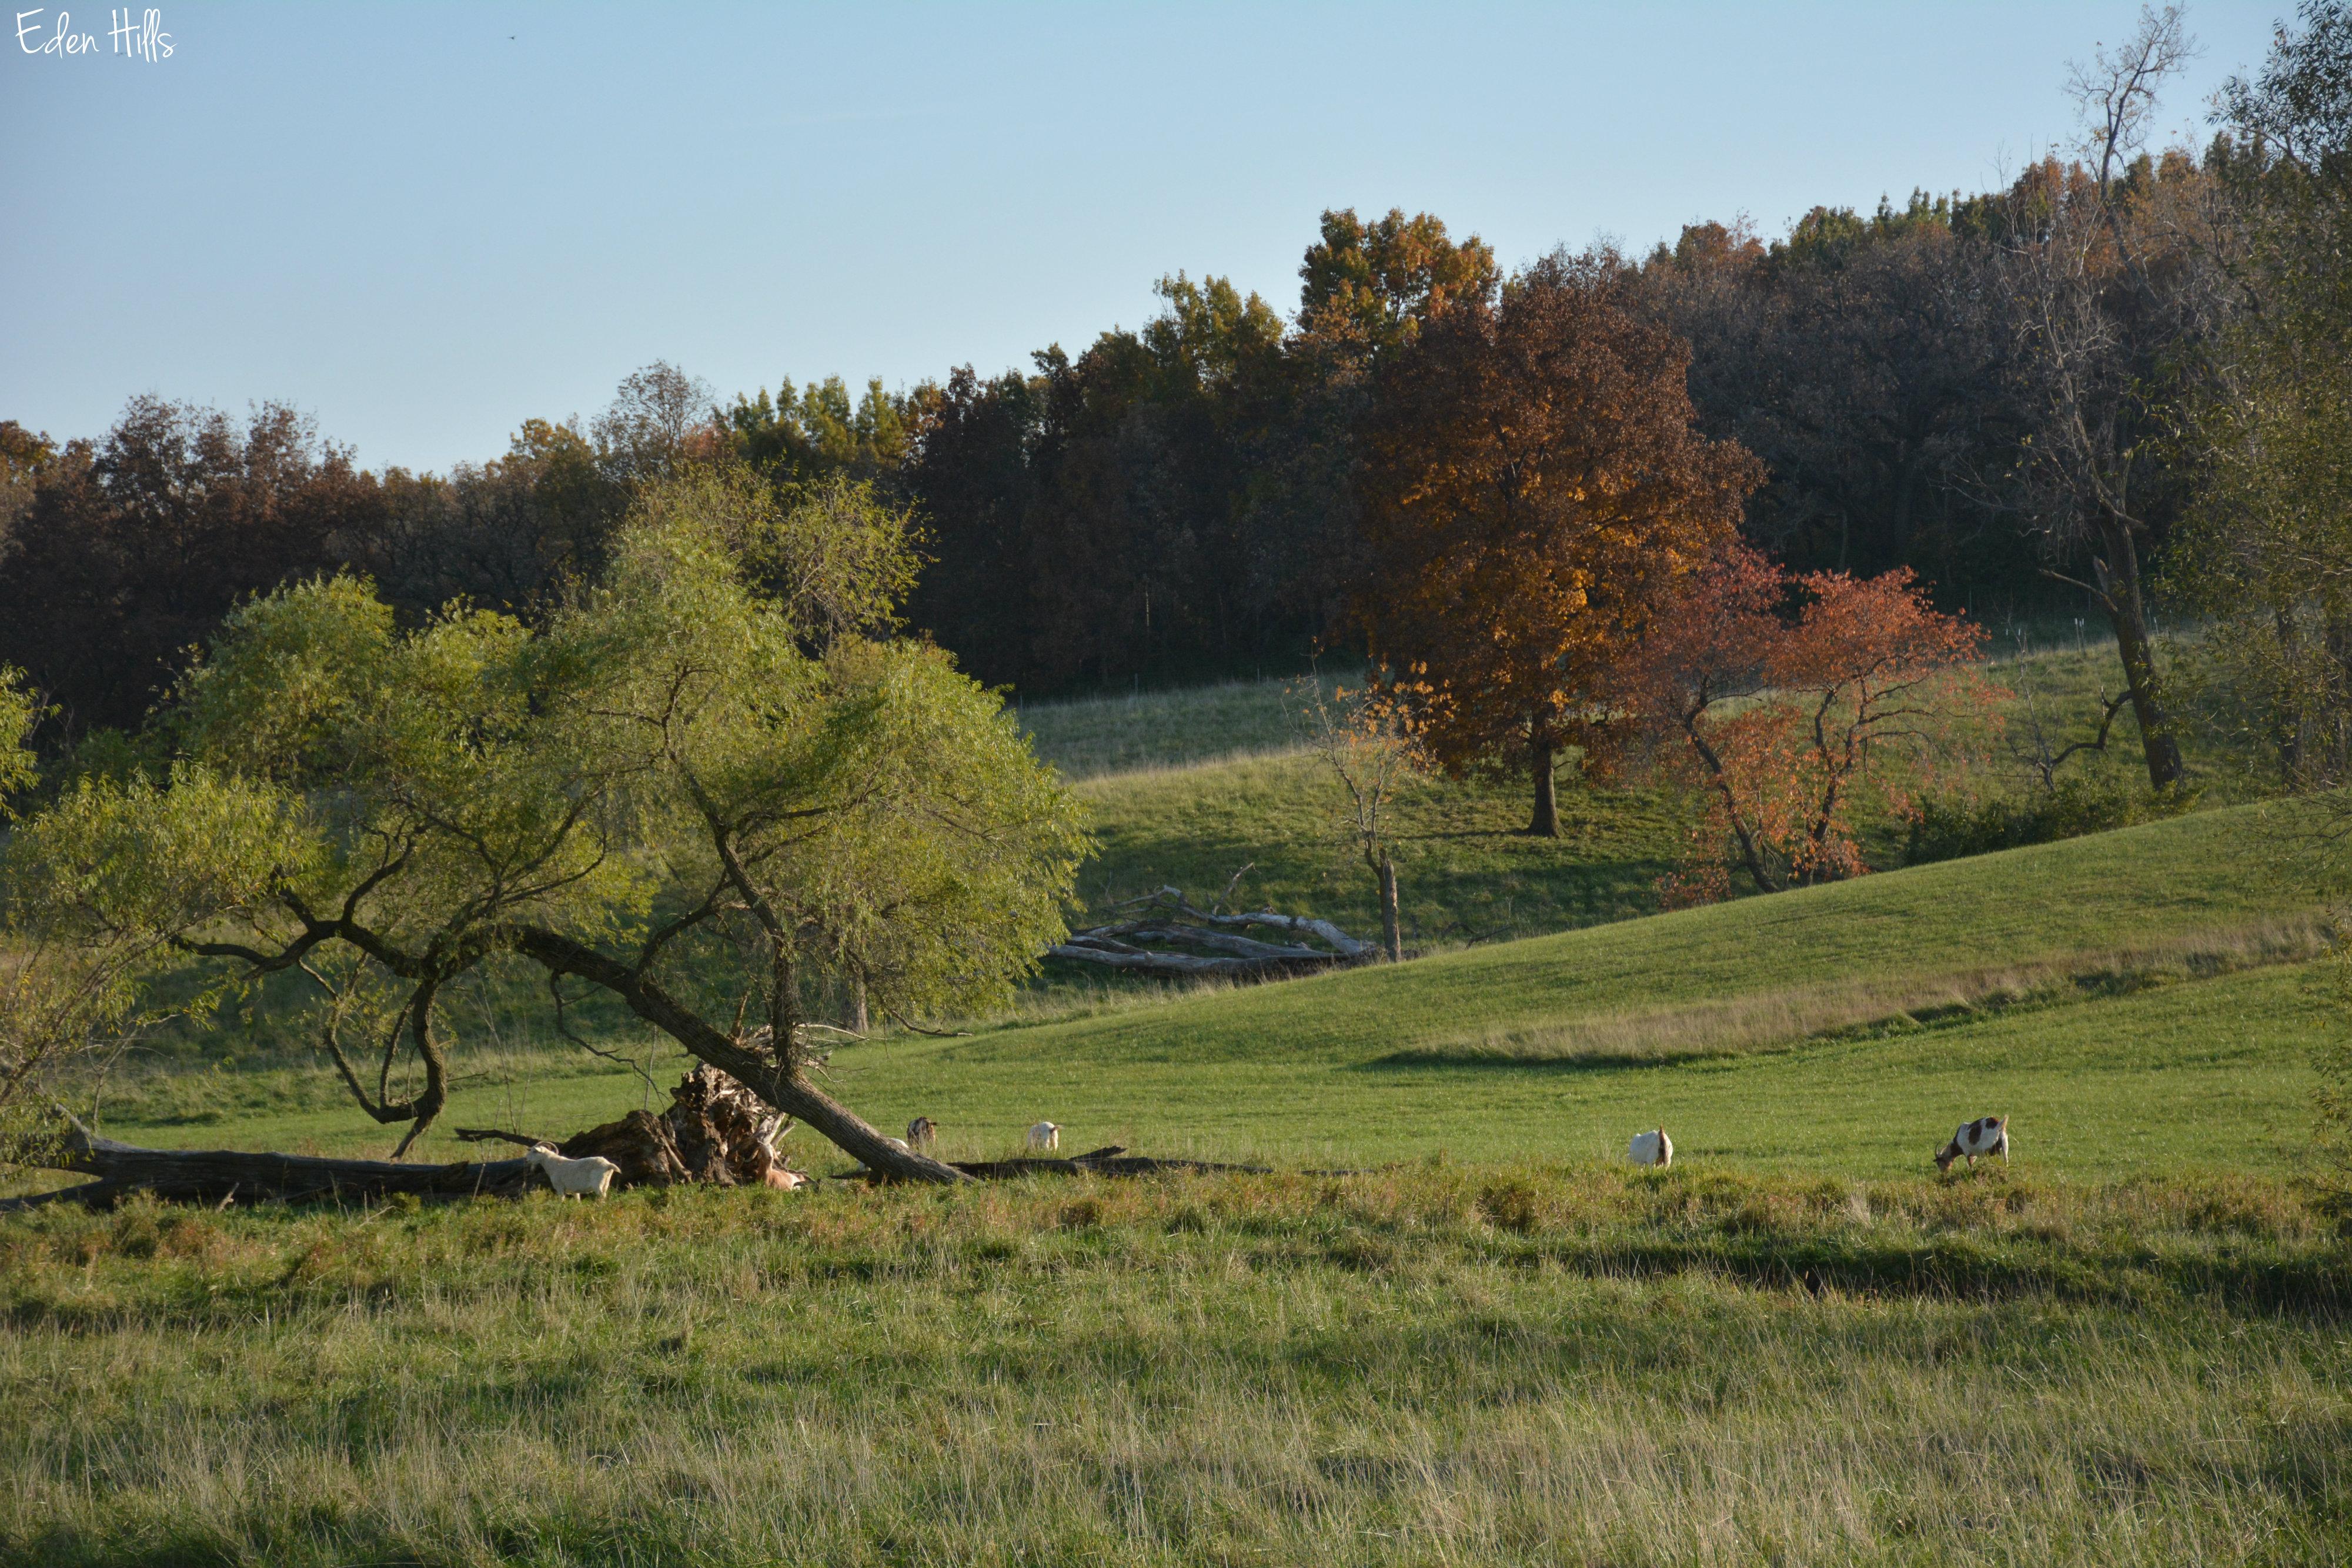 A stolen walk eden hills for Eden hill walk in